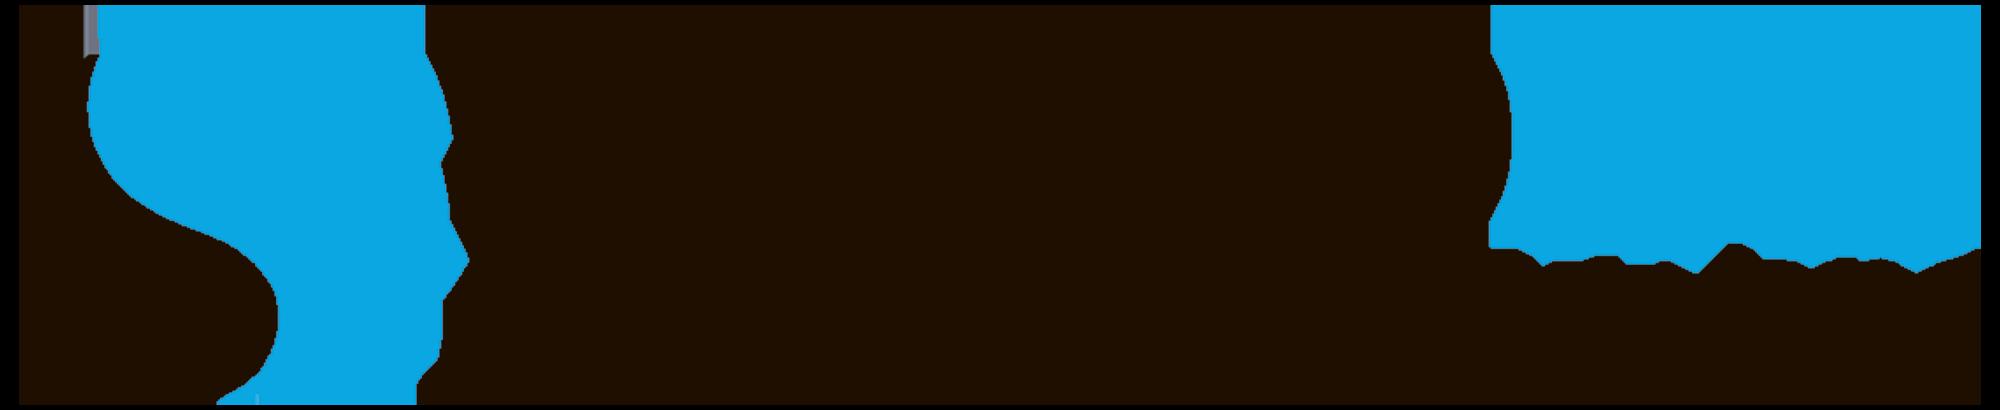 Укргазвидобування logo